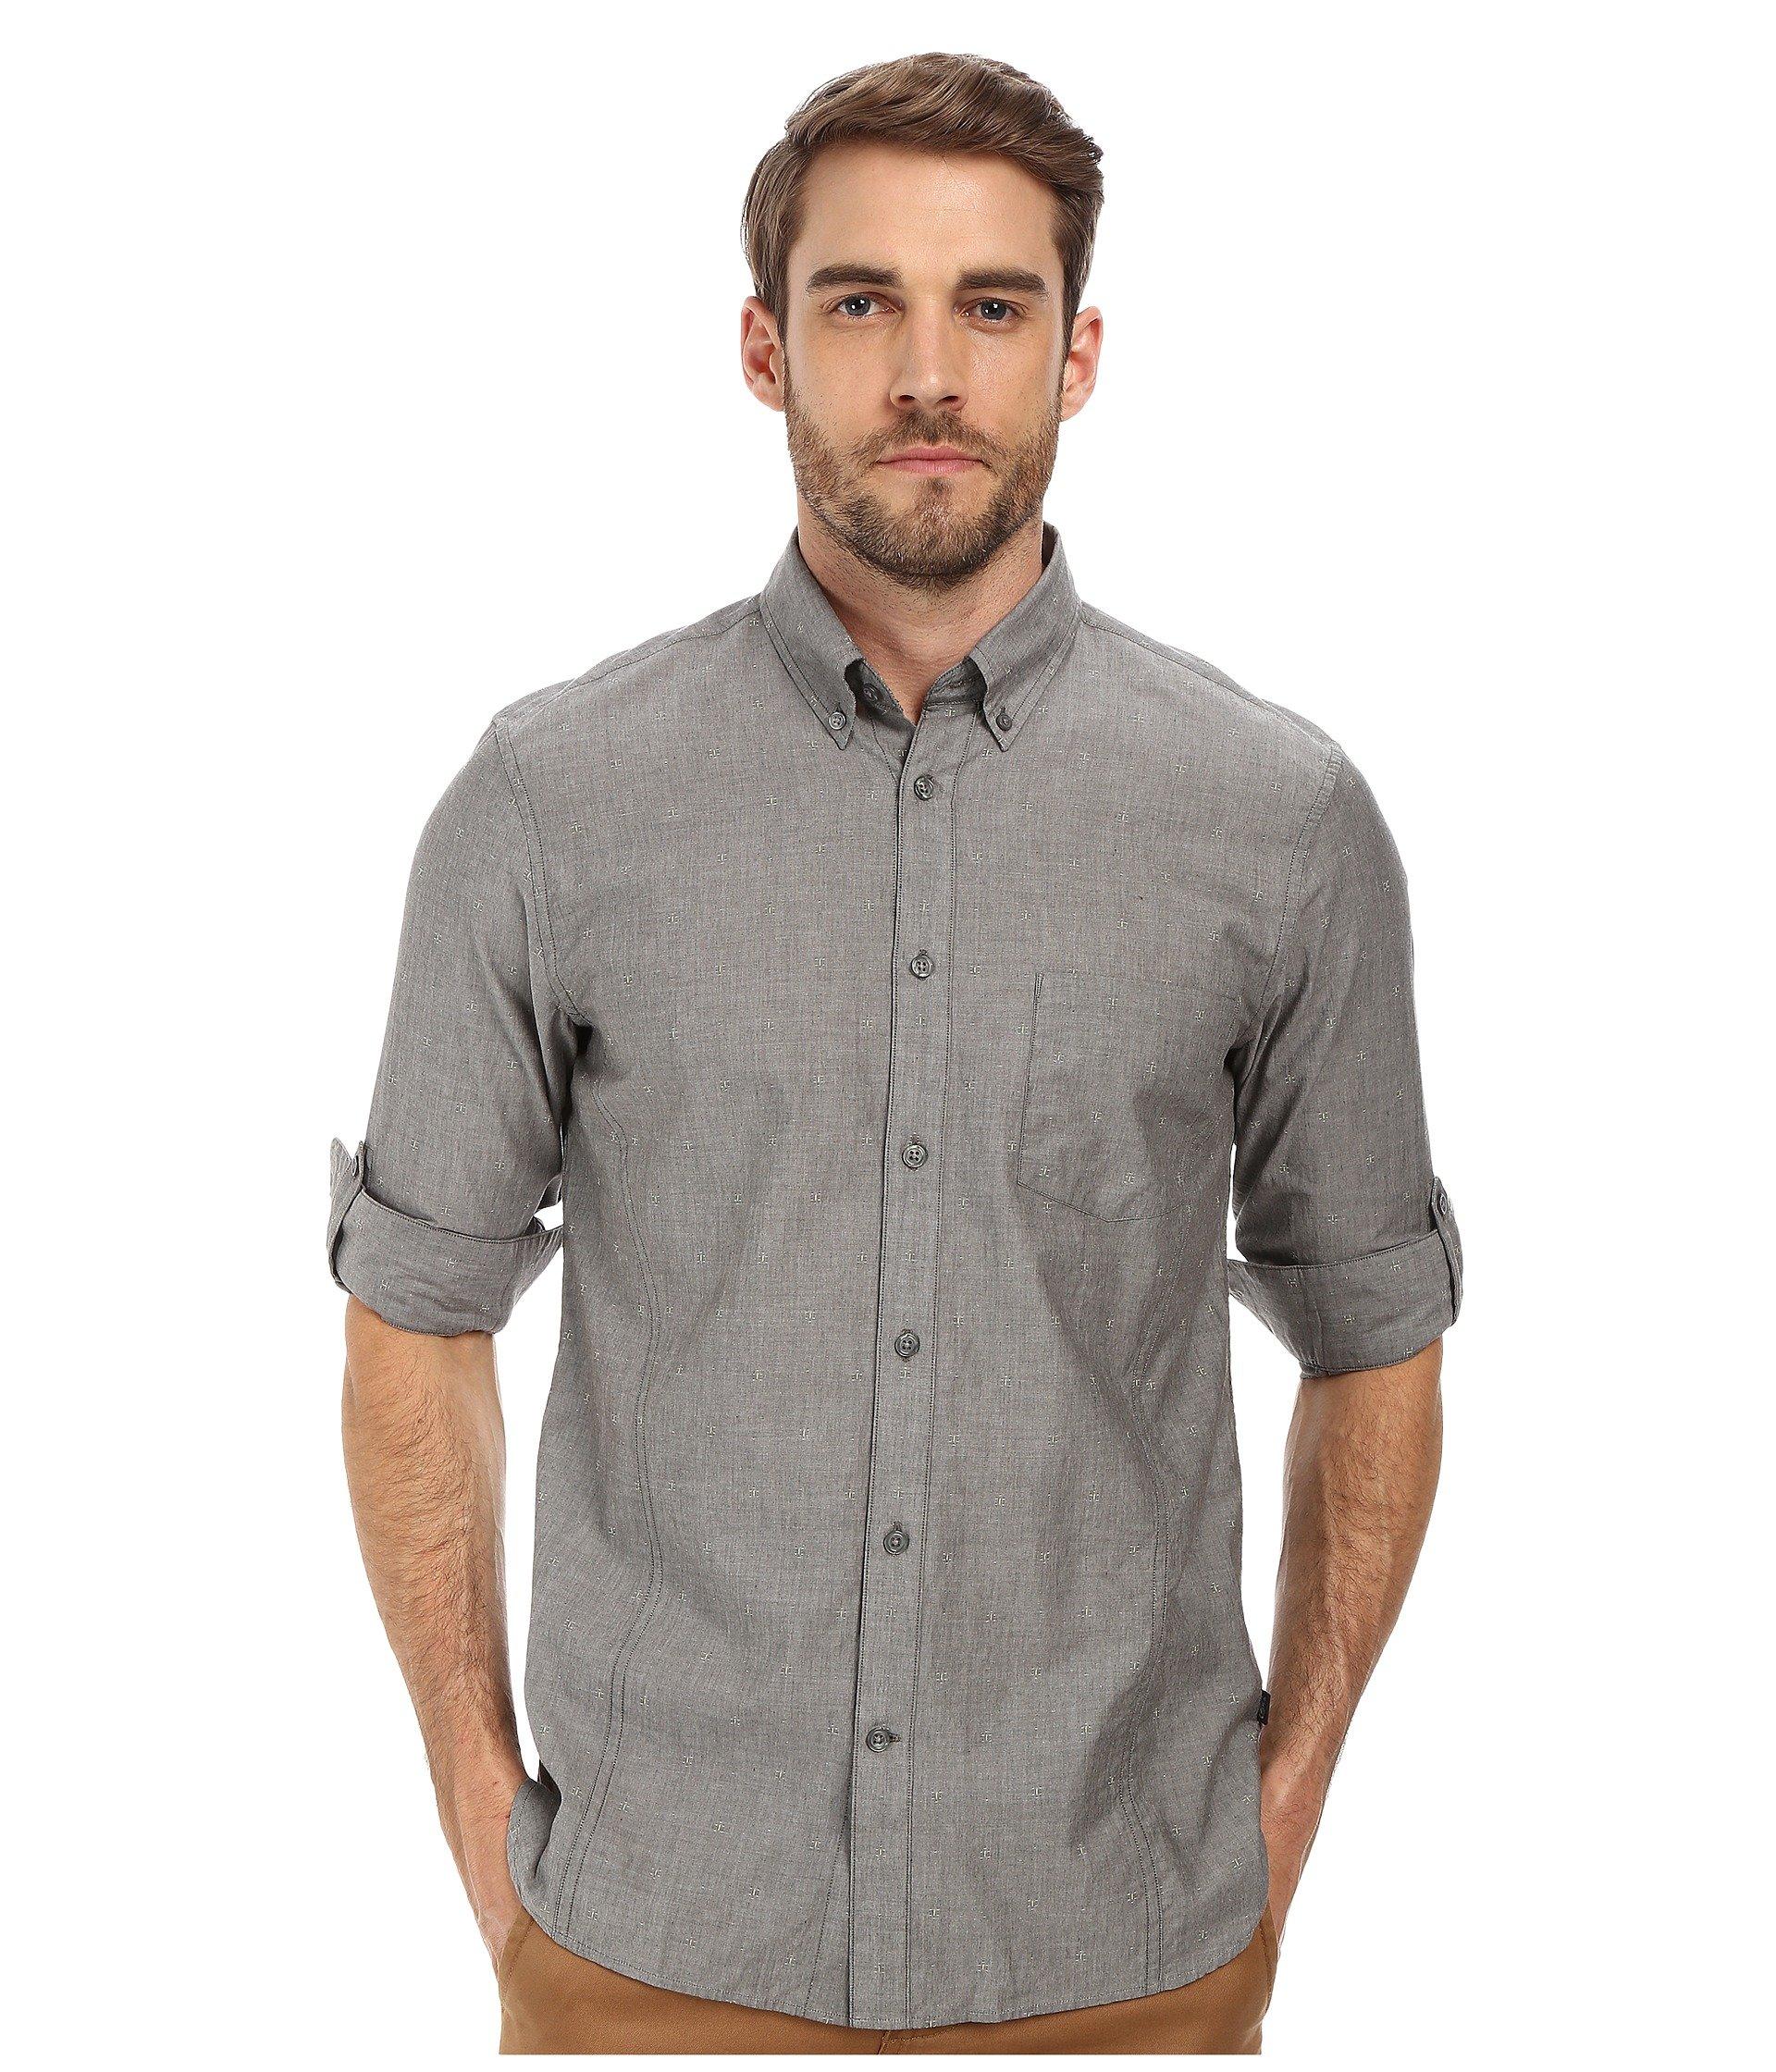 Lyst John Varvatos Roll Up Sleeve Shirt W Button Down